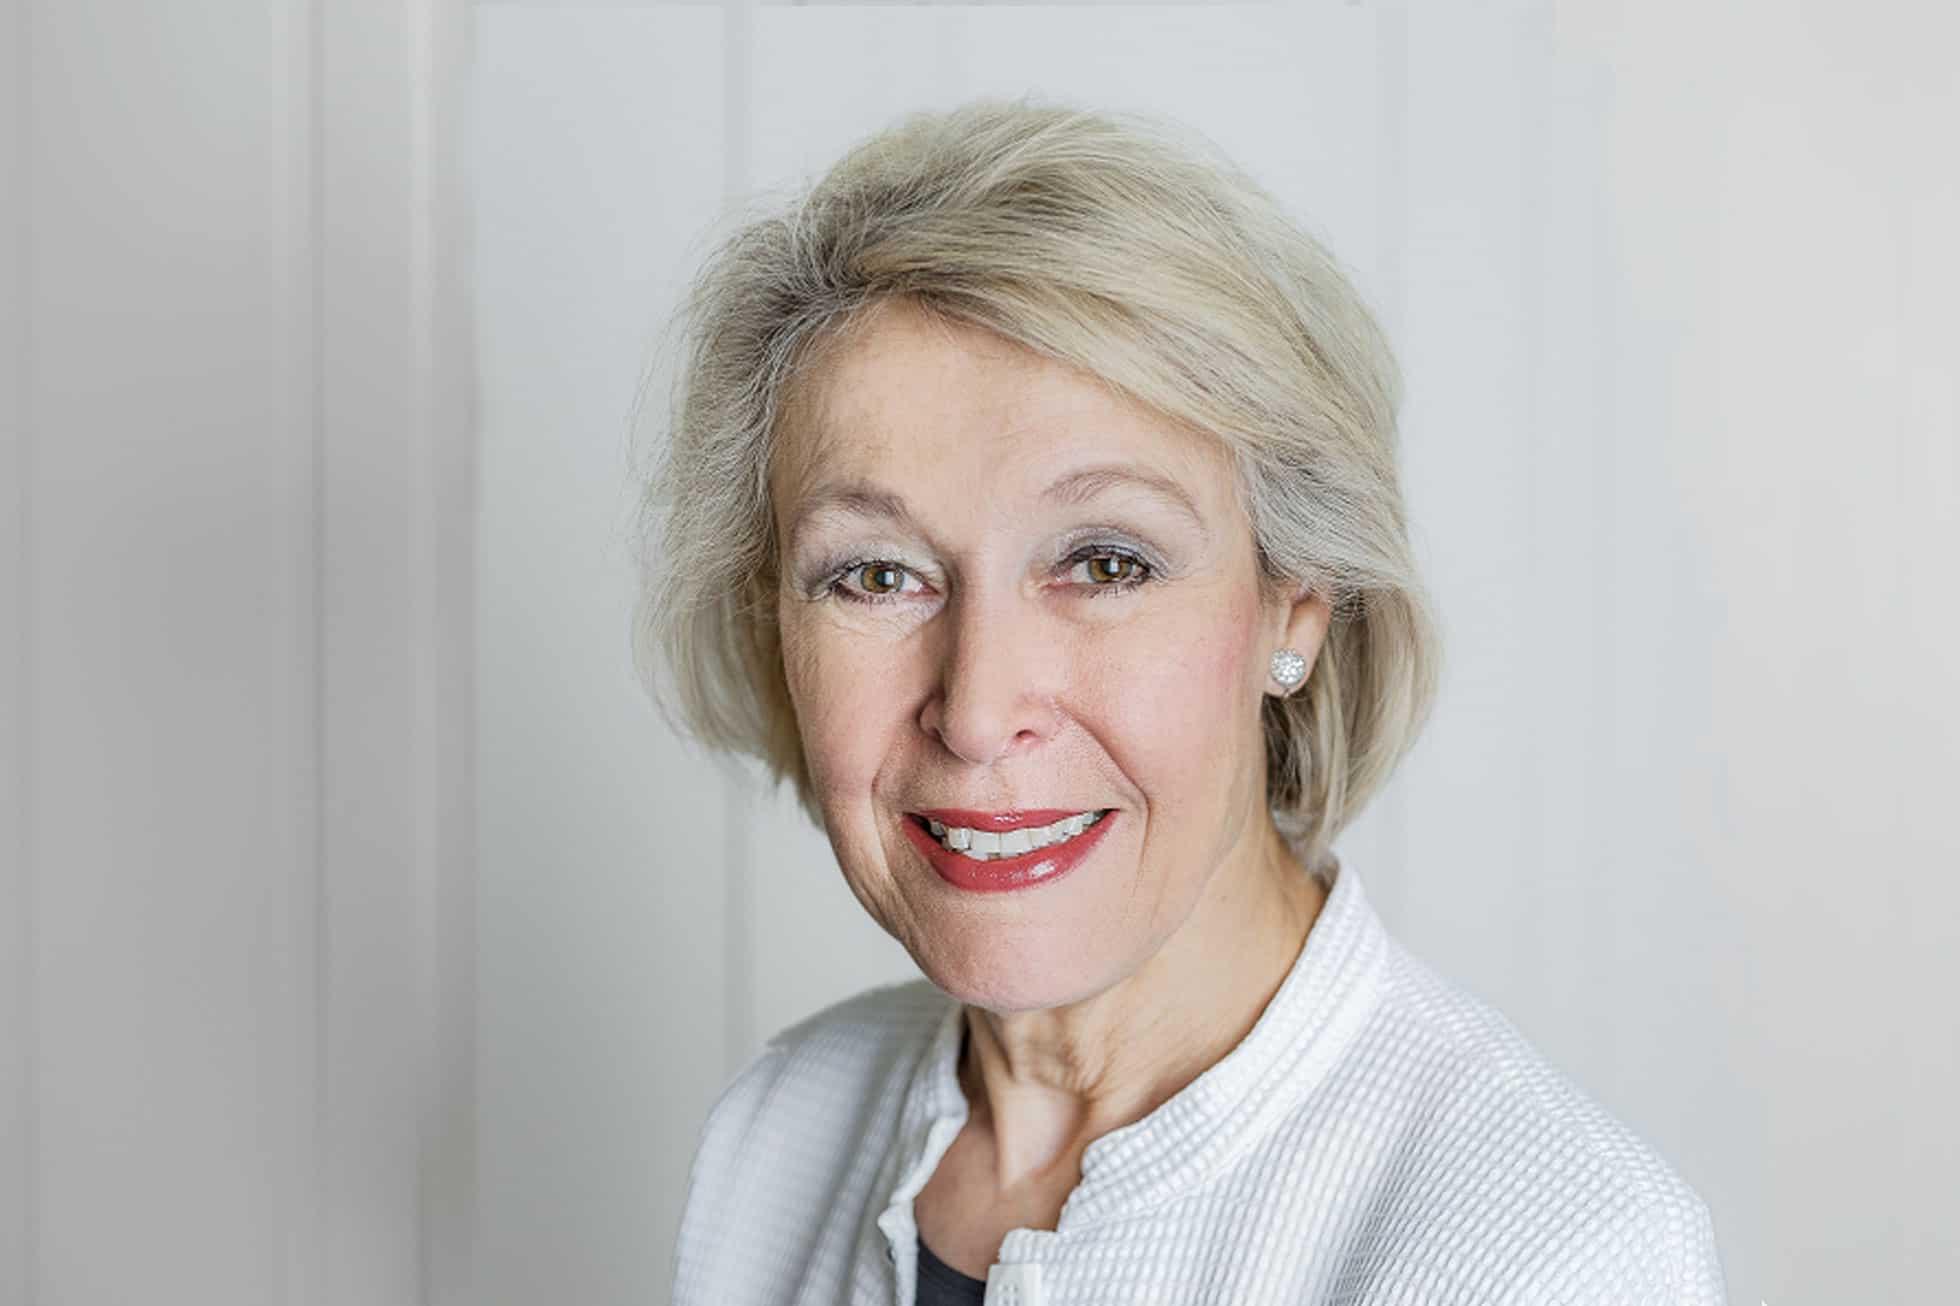 Dr. med. Regula von Thiessen-Wenger Dermatologin Hautärtin Hautfachärztin Zürich Enge